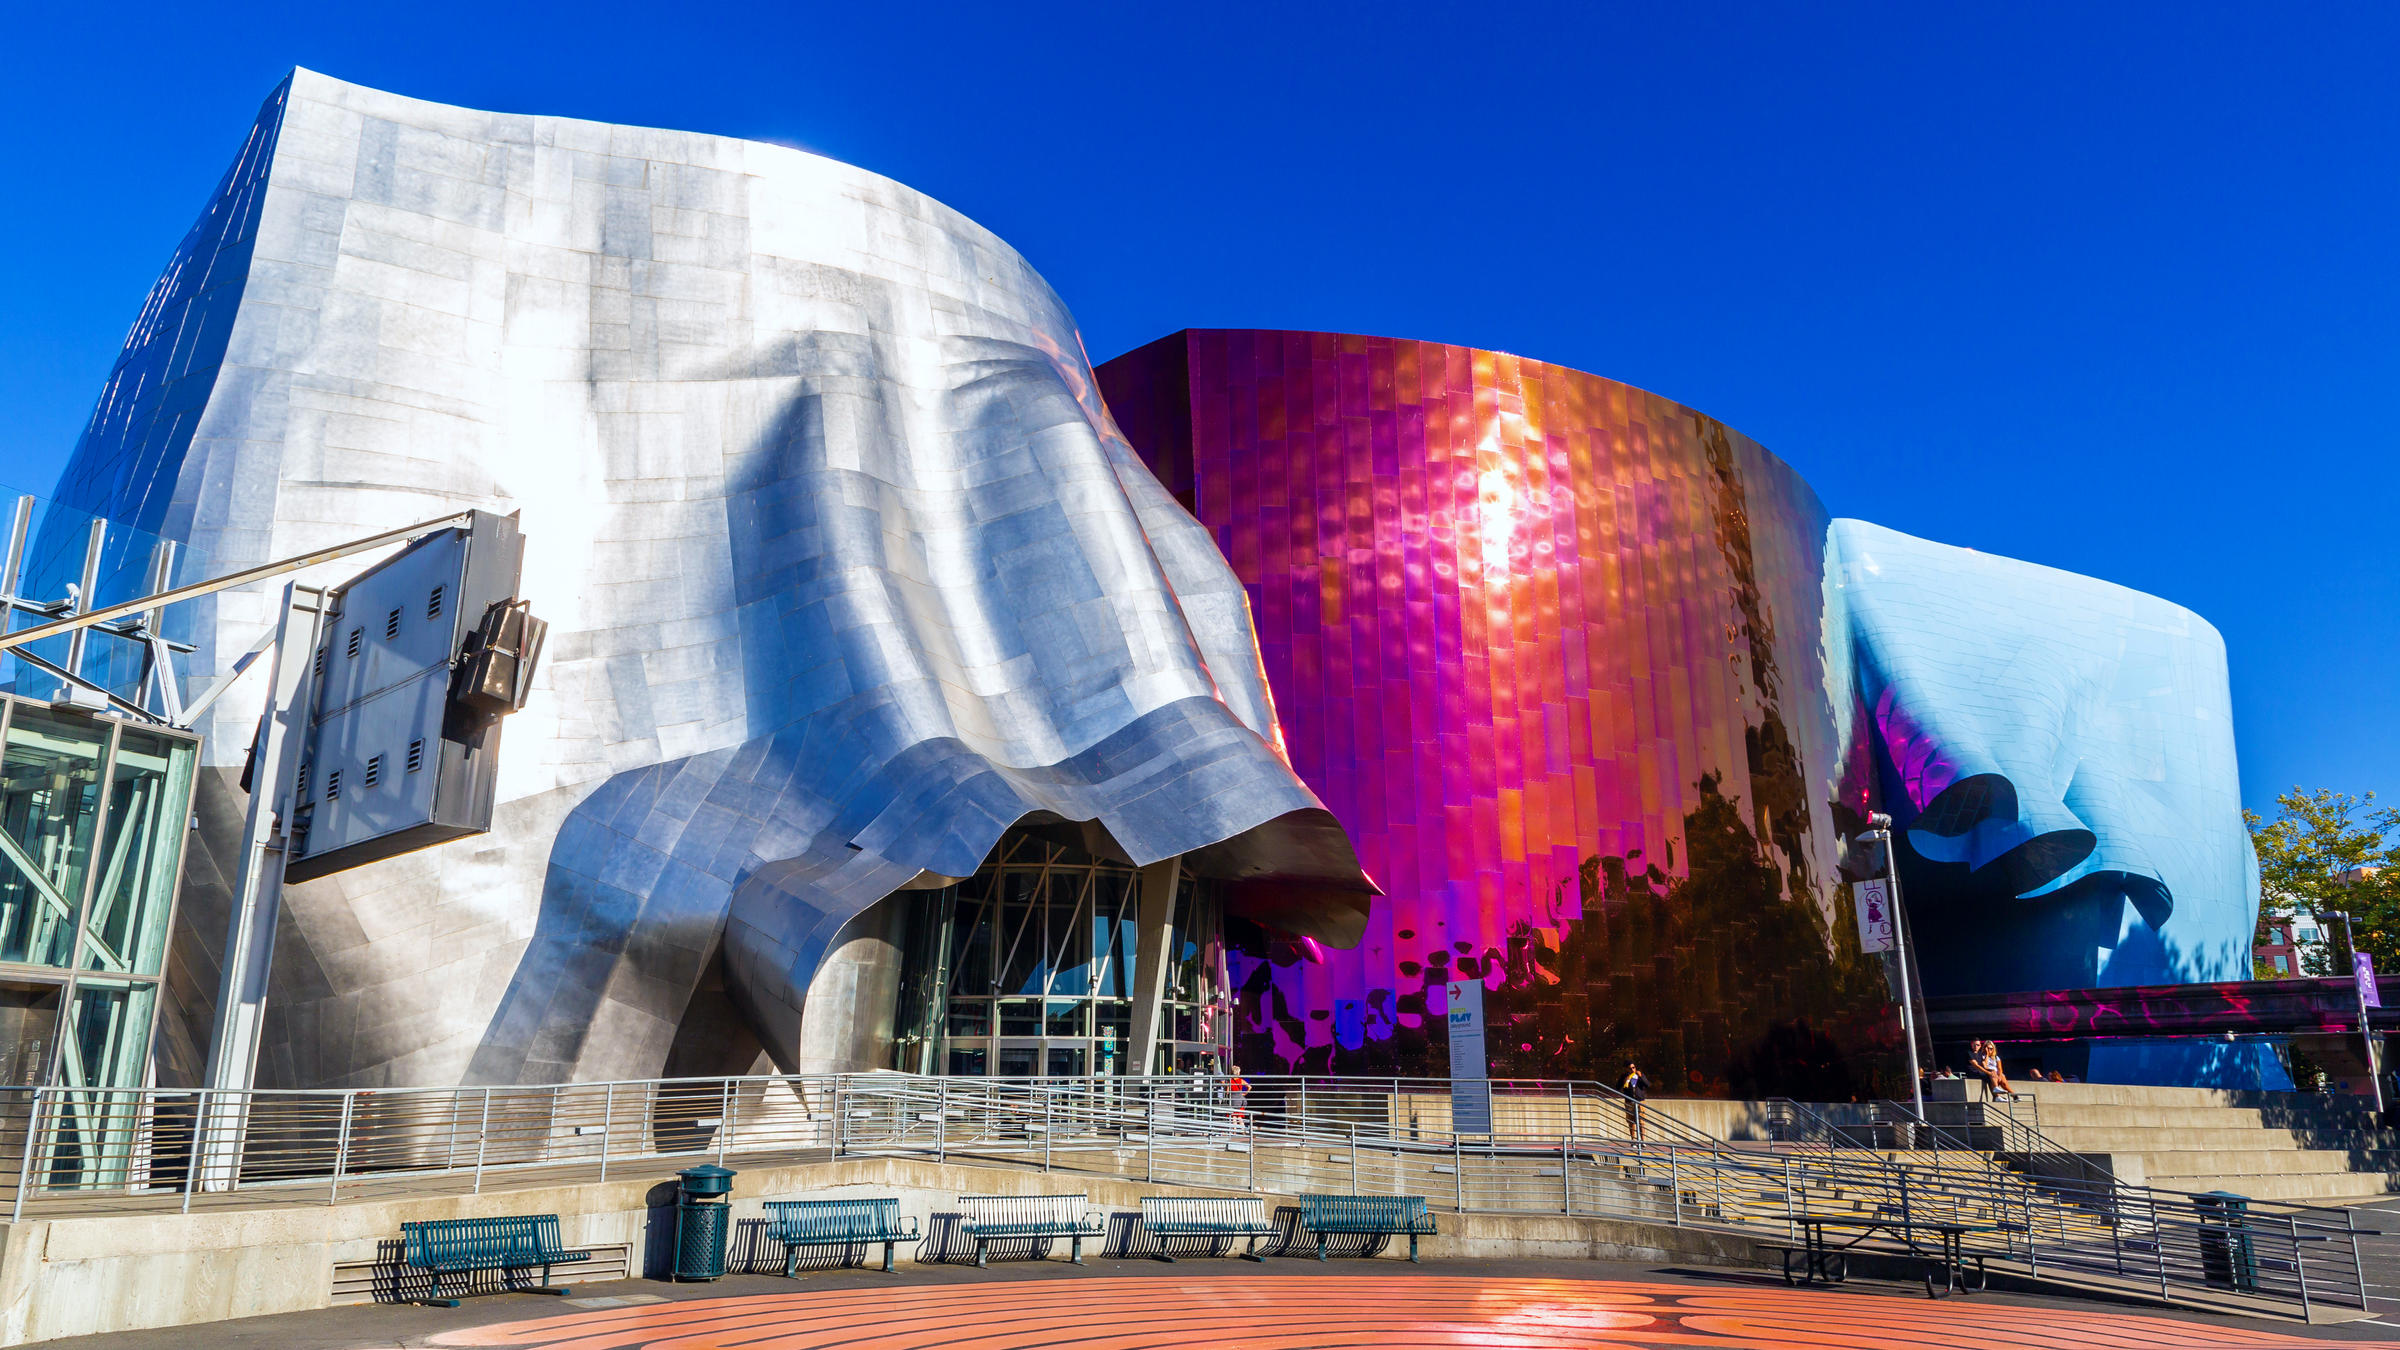 Здание-корзина, золотой храм и музей искусств: самые интересные здания планеты – фото